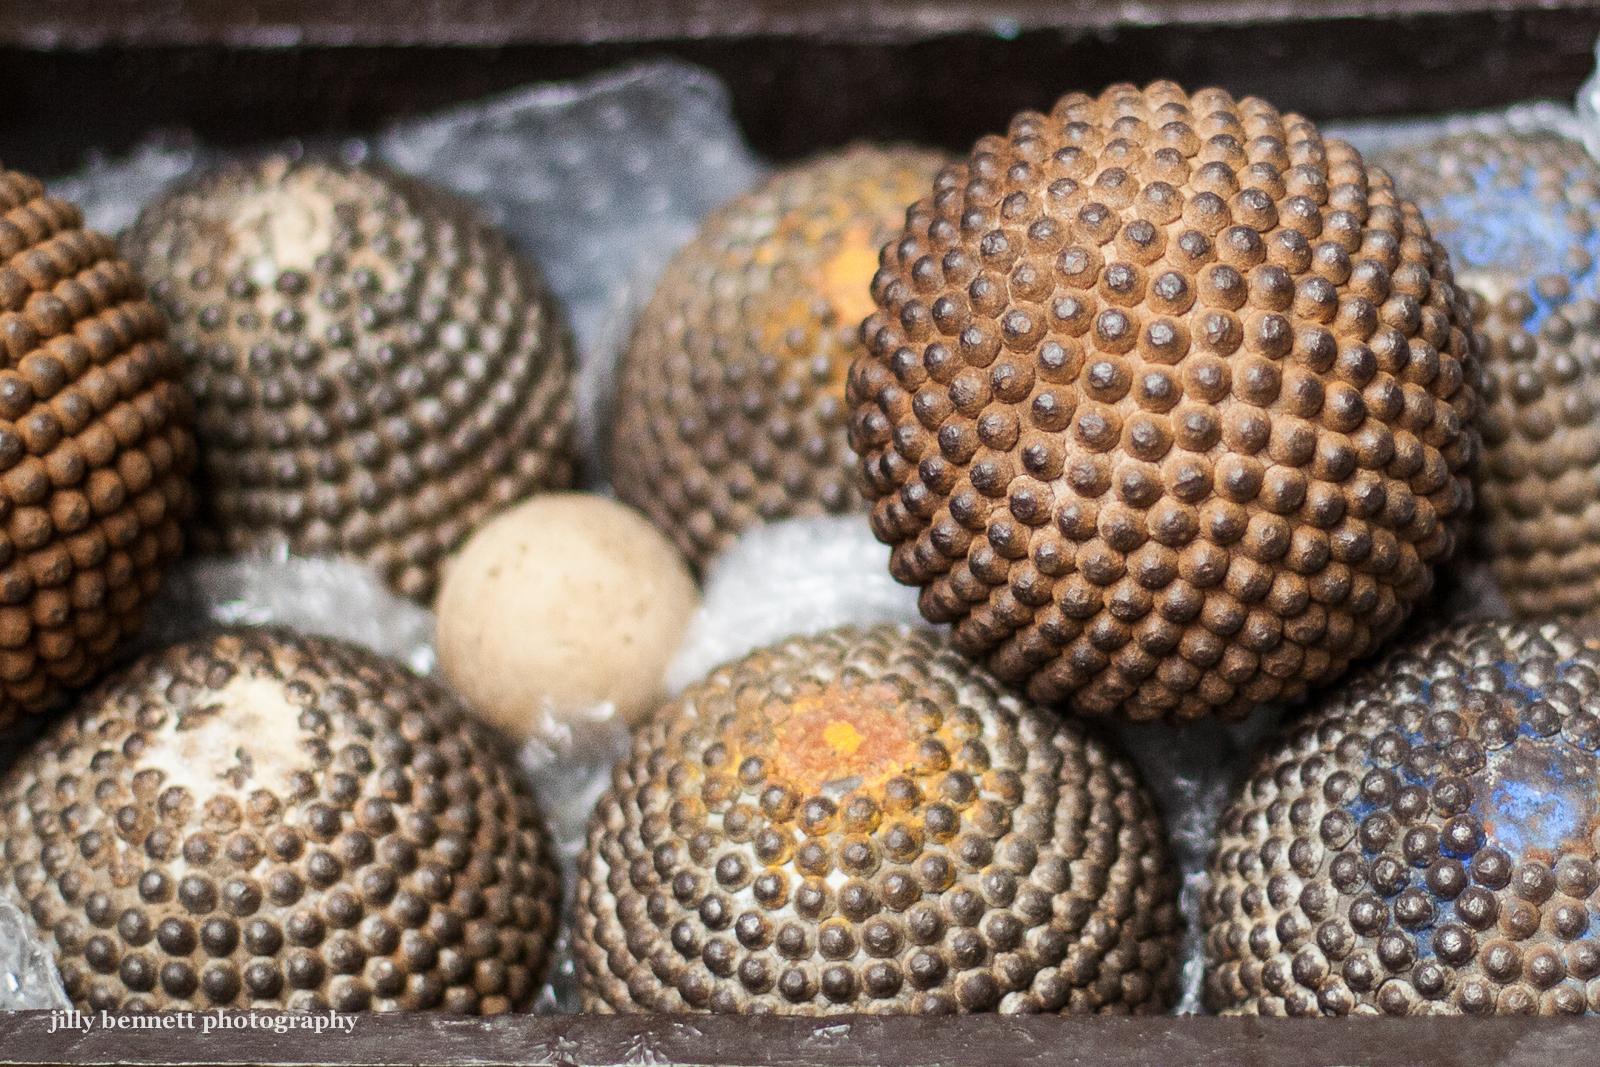 Menton daily photo broc troc boules lyonnaise for Jeu de boule lyonnaise